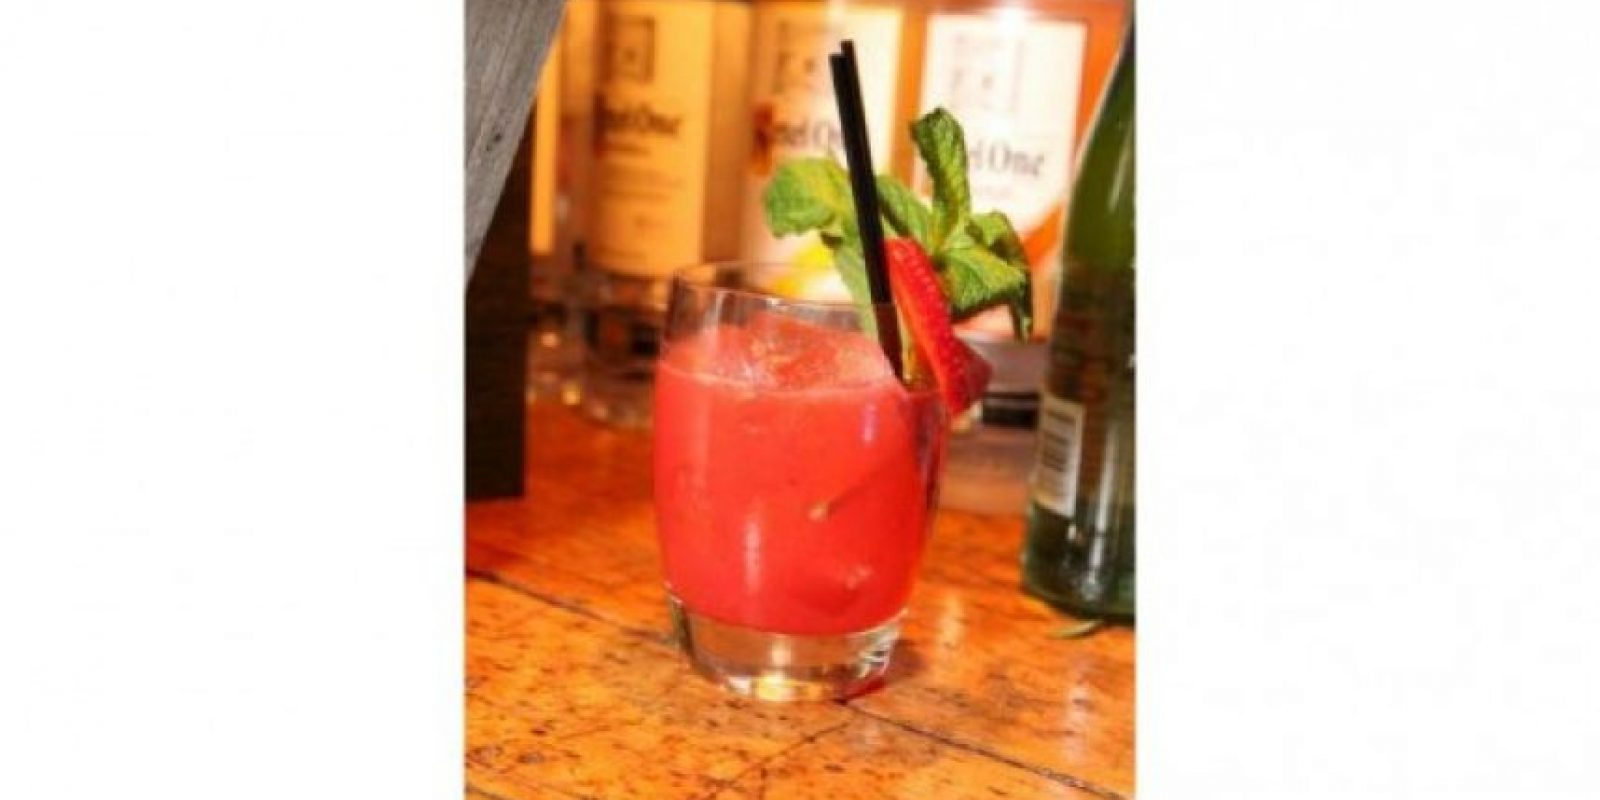 El alcohol disminuye la libido tanto en hombres como en mujeres. Foto:Getty Images